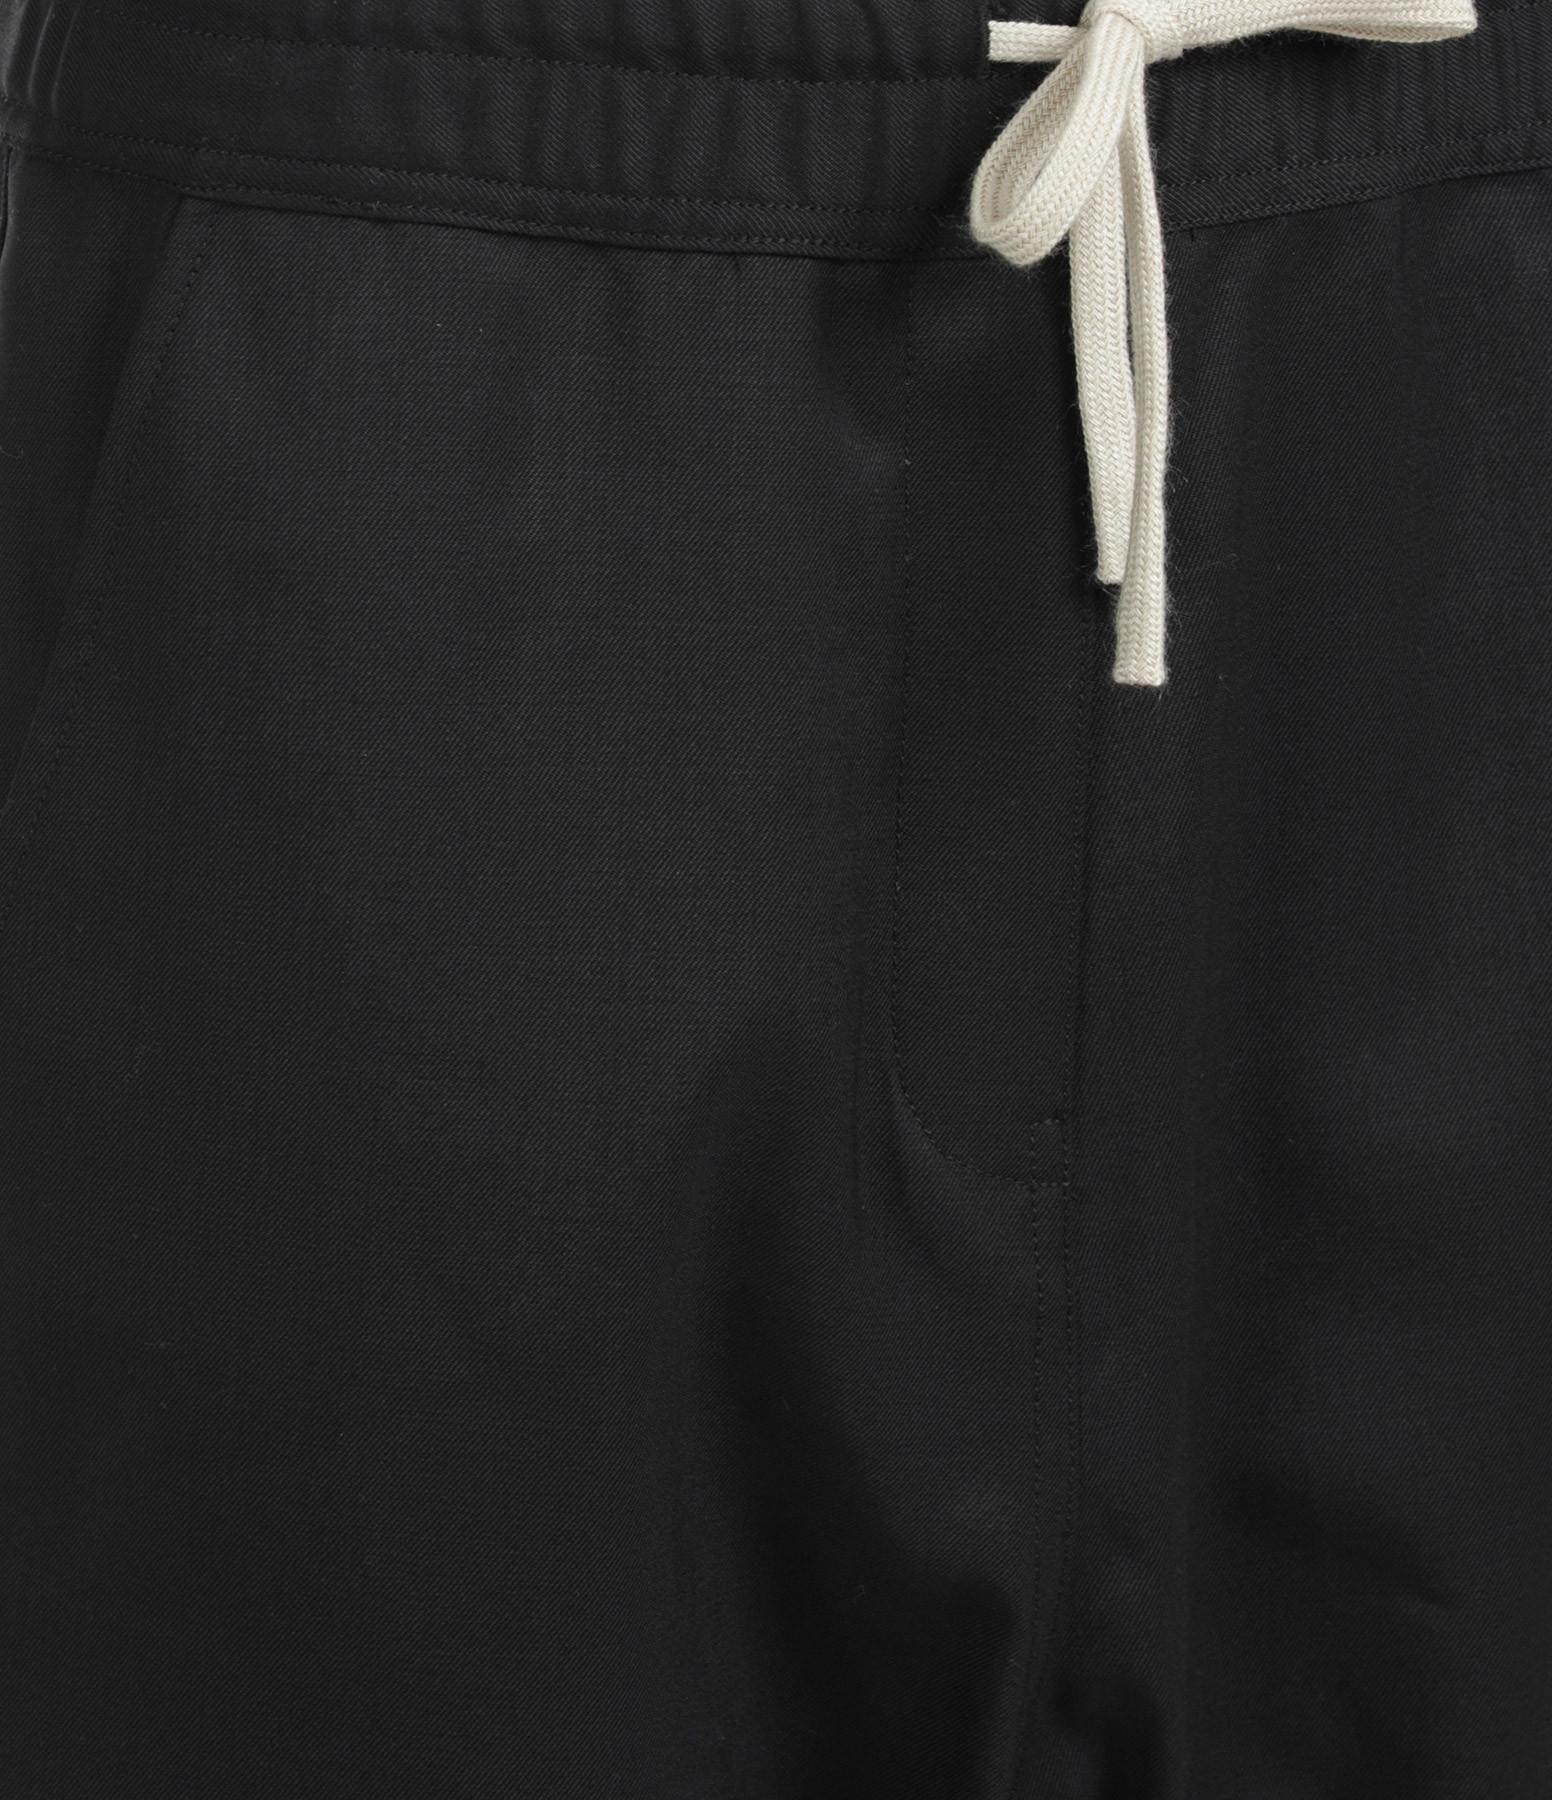 NILI LOTAN - Pantalon Aida Noir